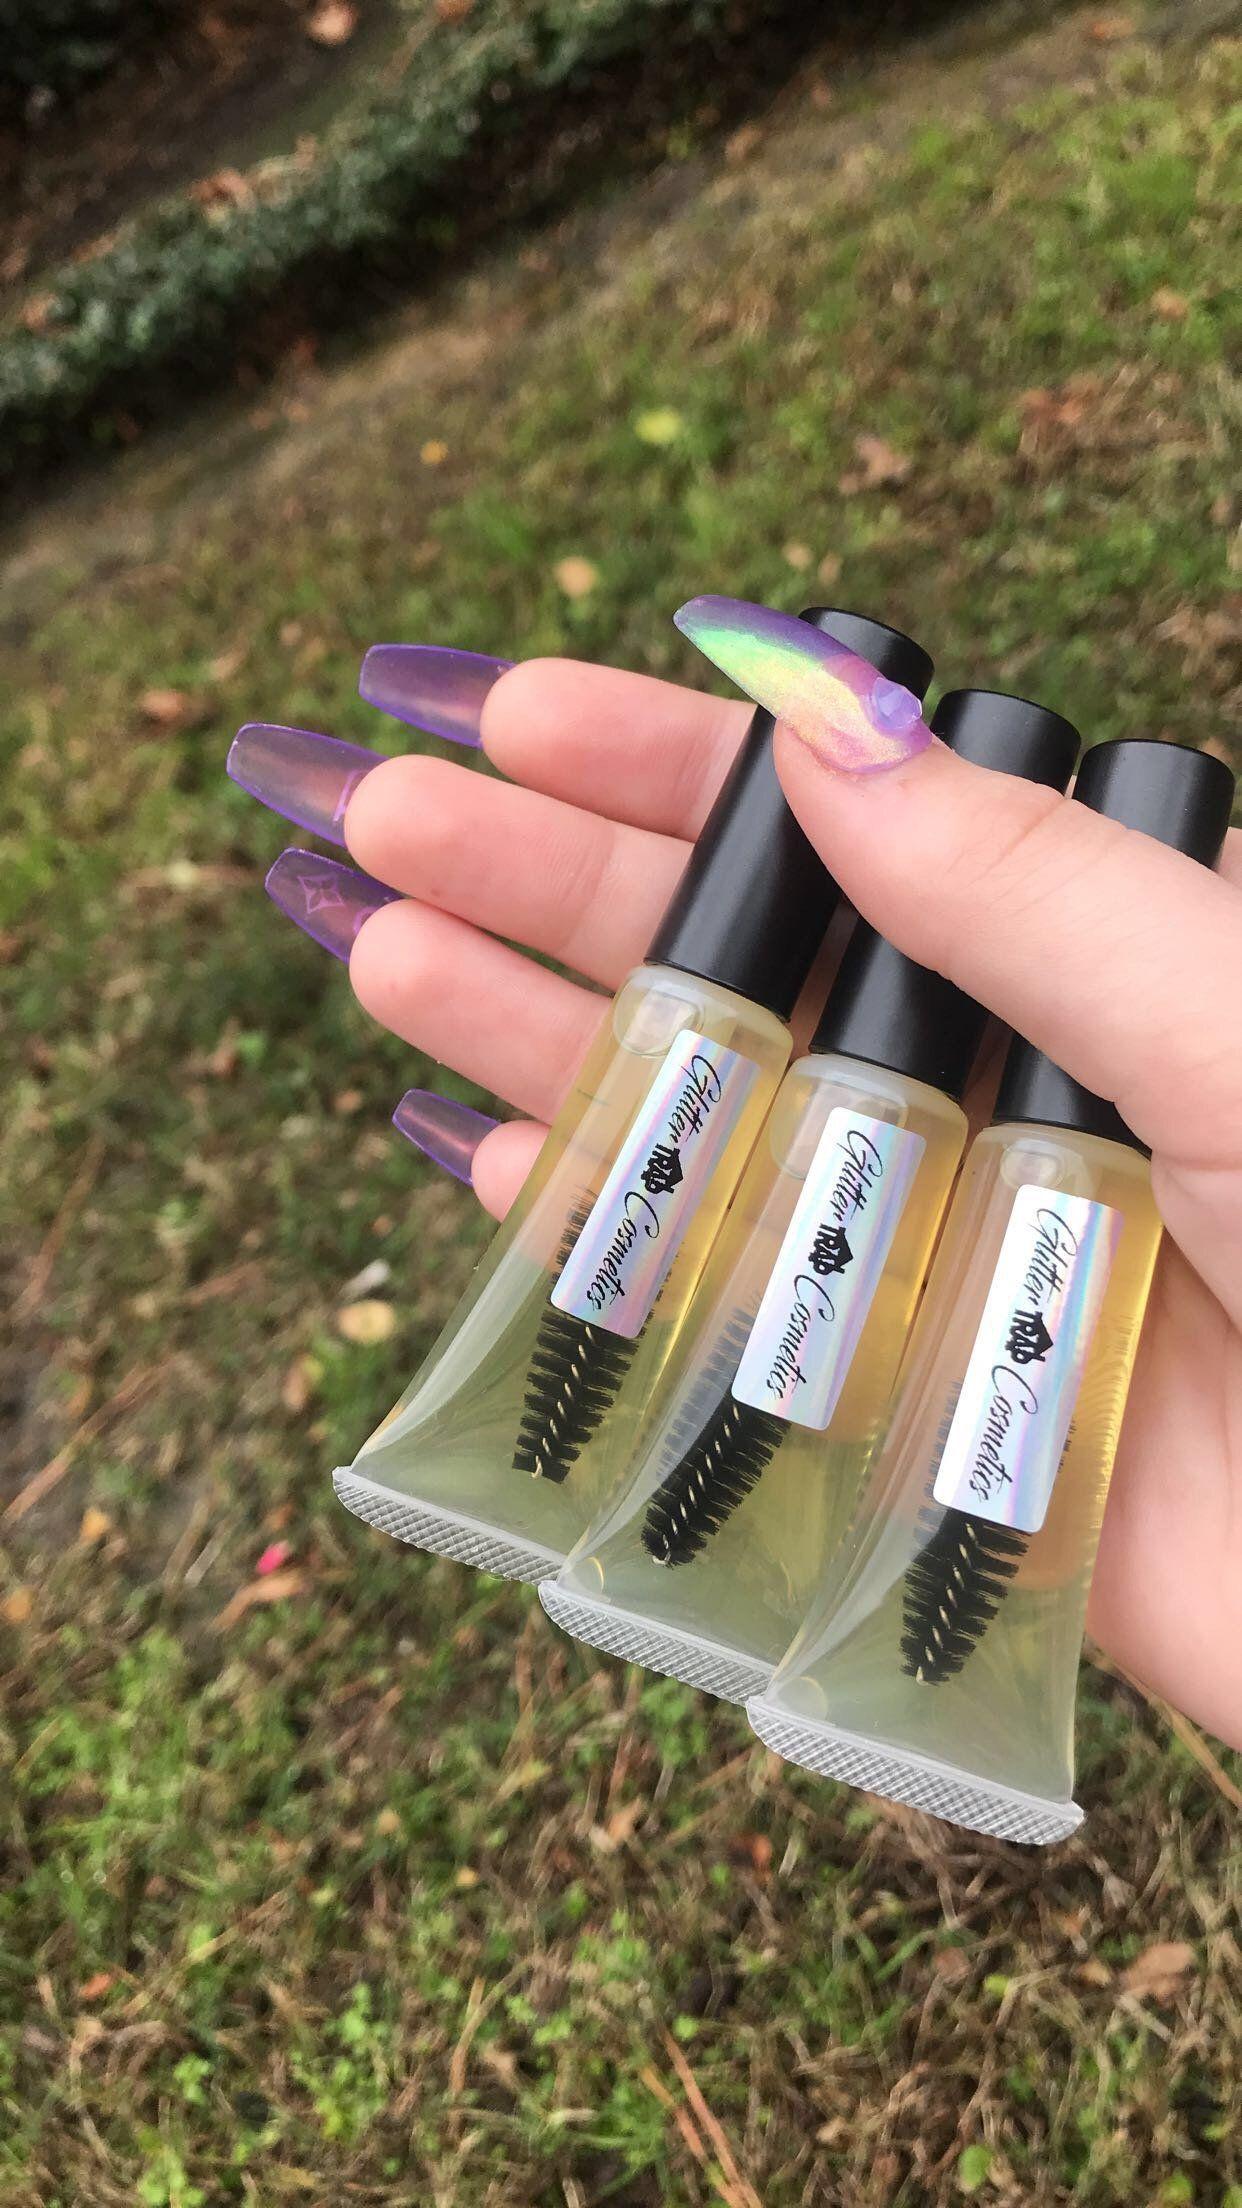 Eyelash eybrow growth serum glitter trap cosmetics